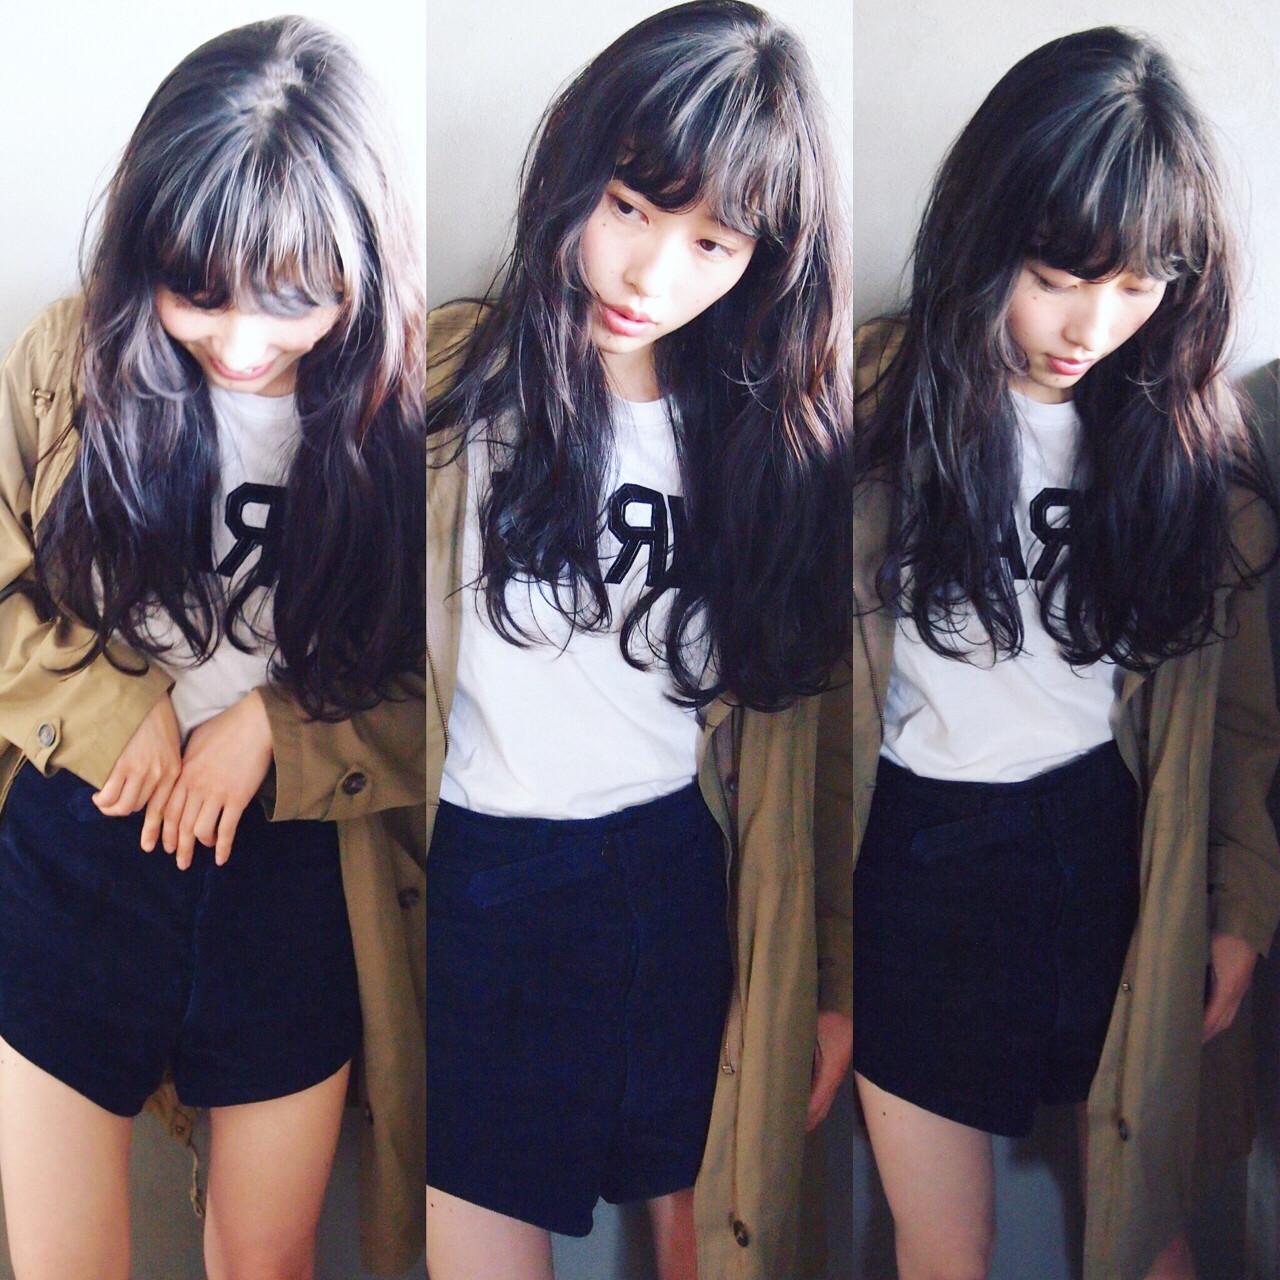 暗髪 黒髪 レイヤーカット ロング ヘアスタイルや髪型の写真・画像